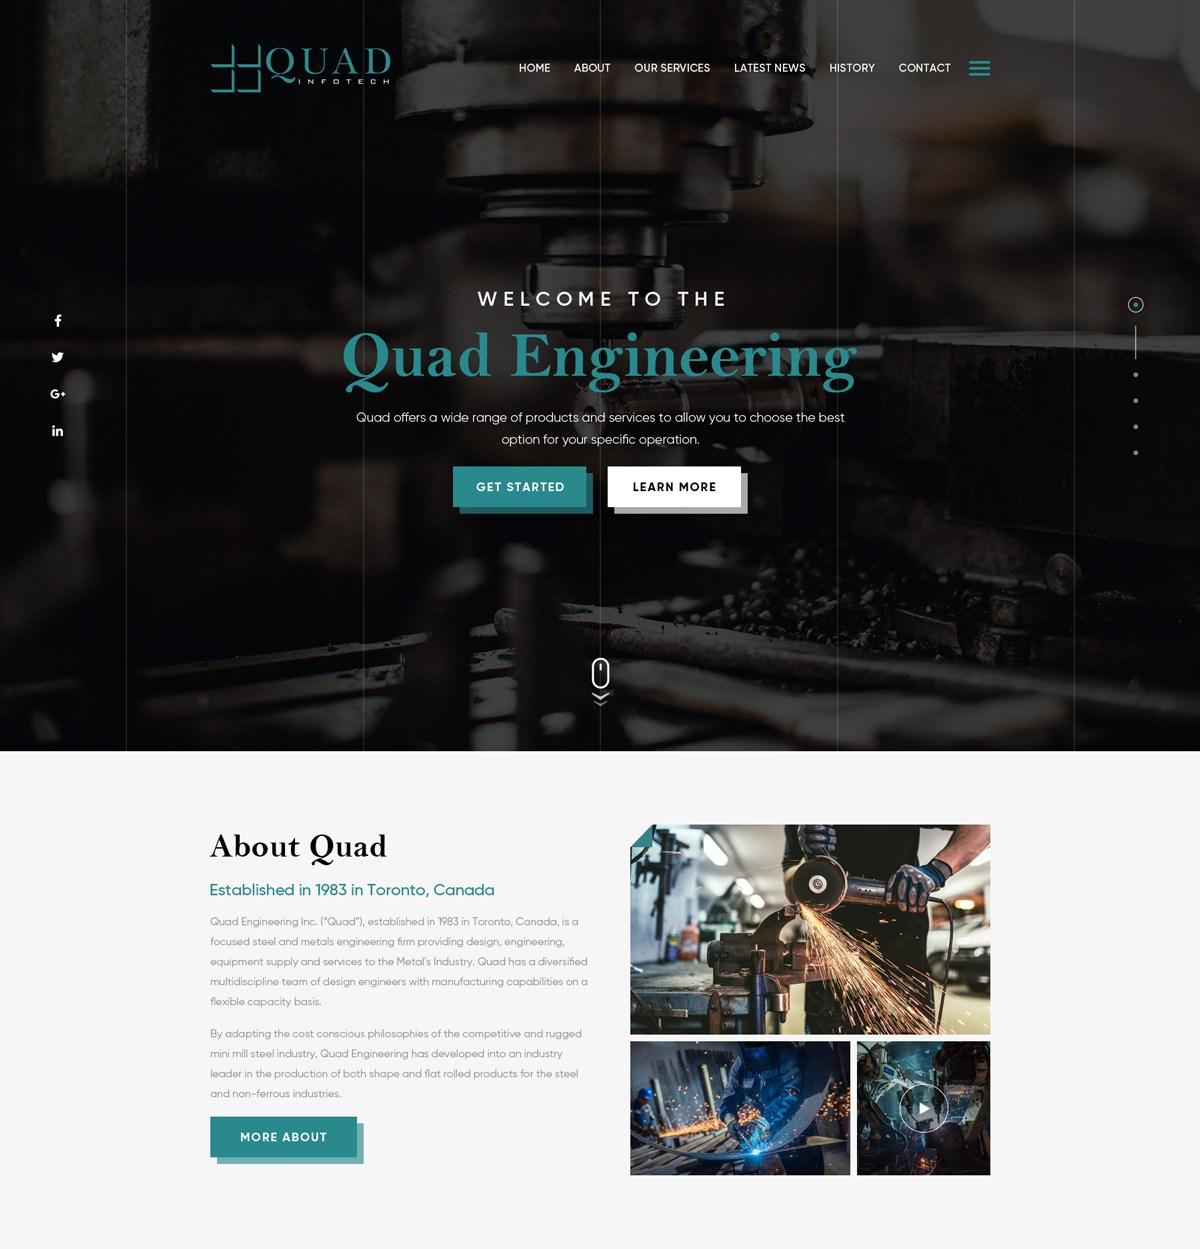 web design mockup for quad